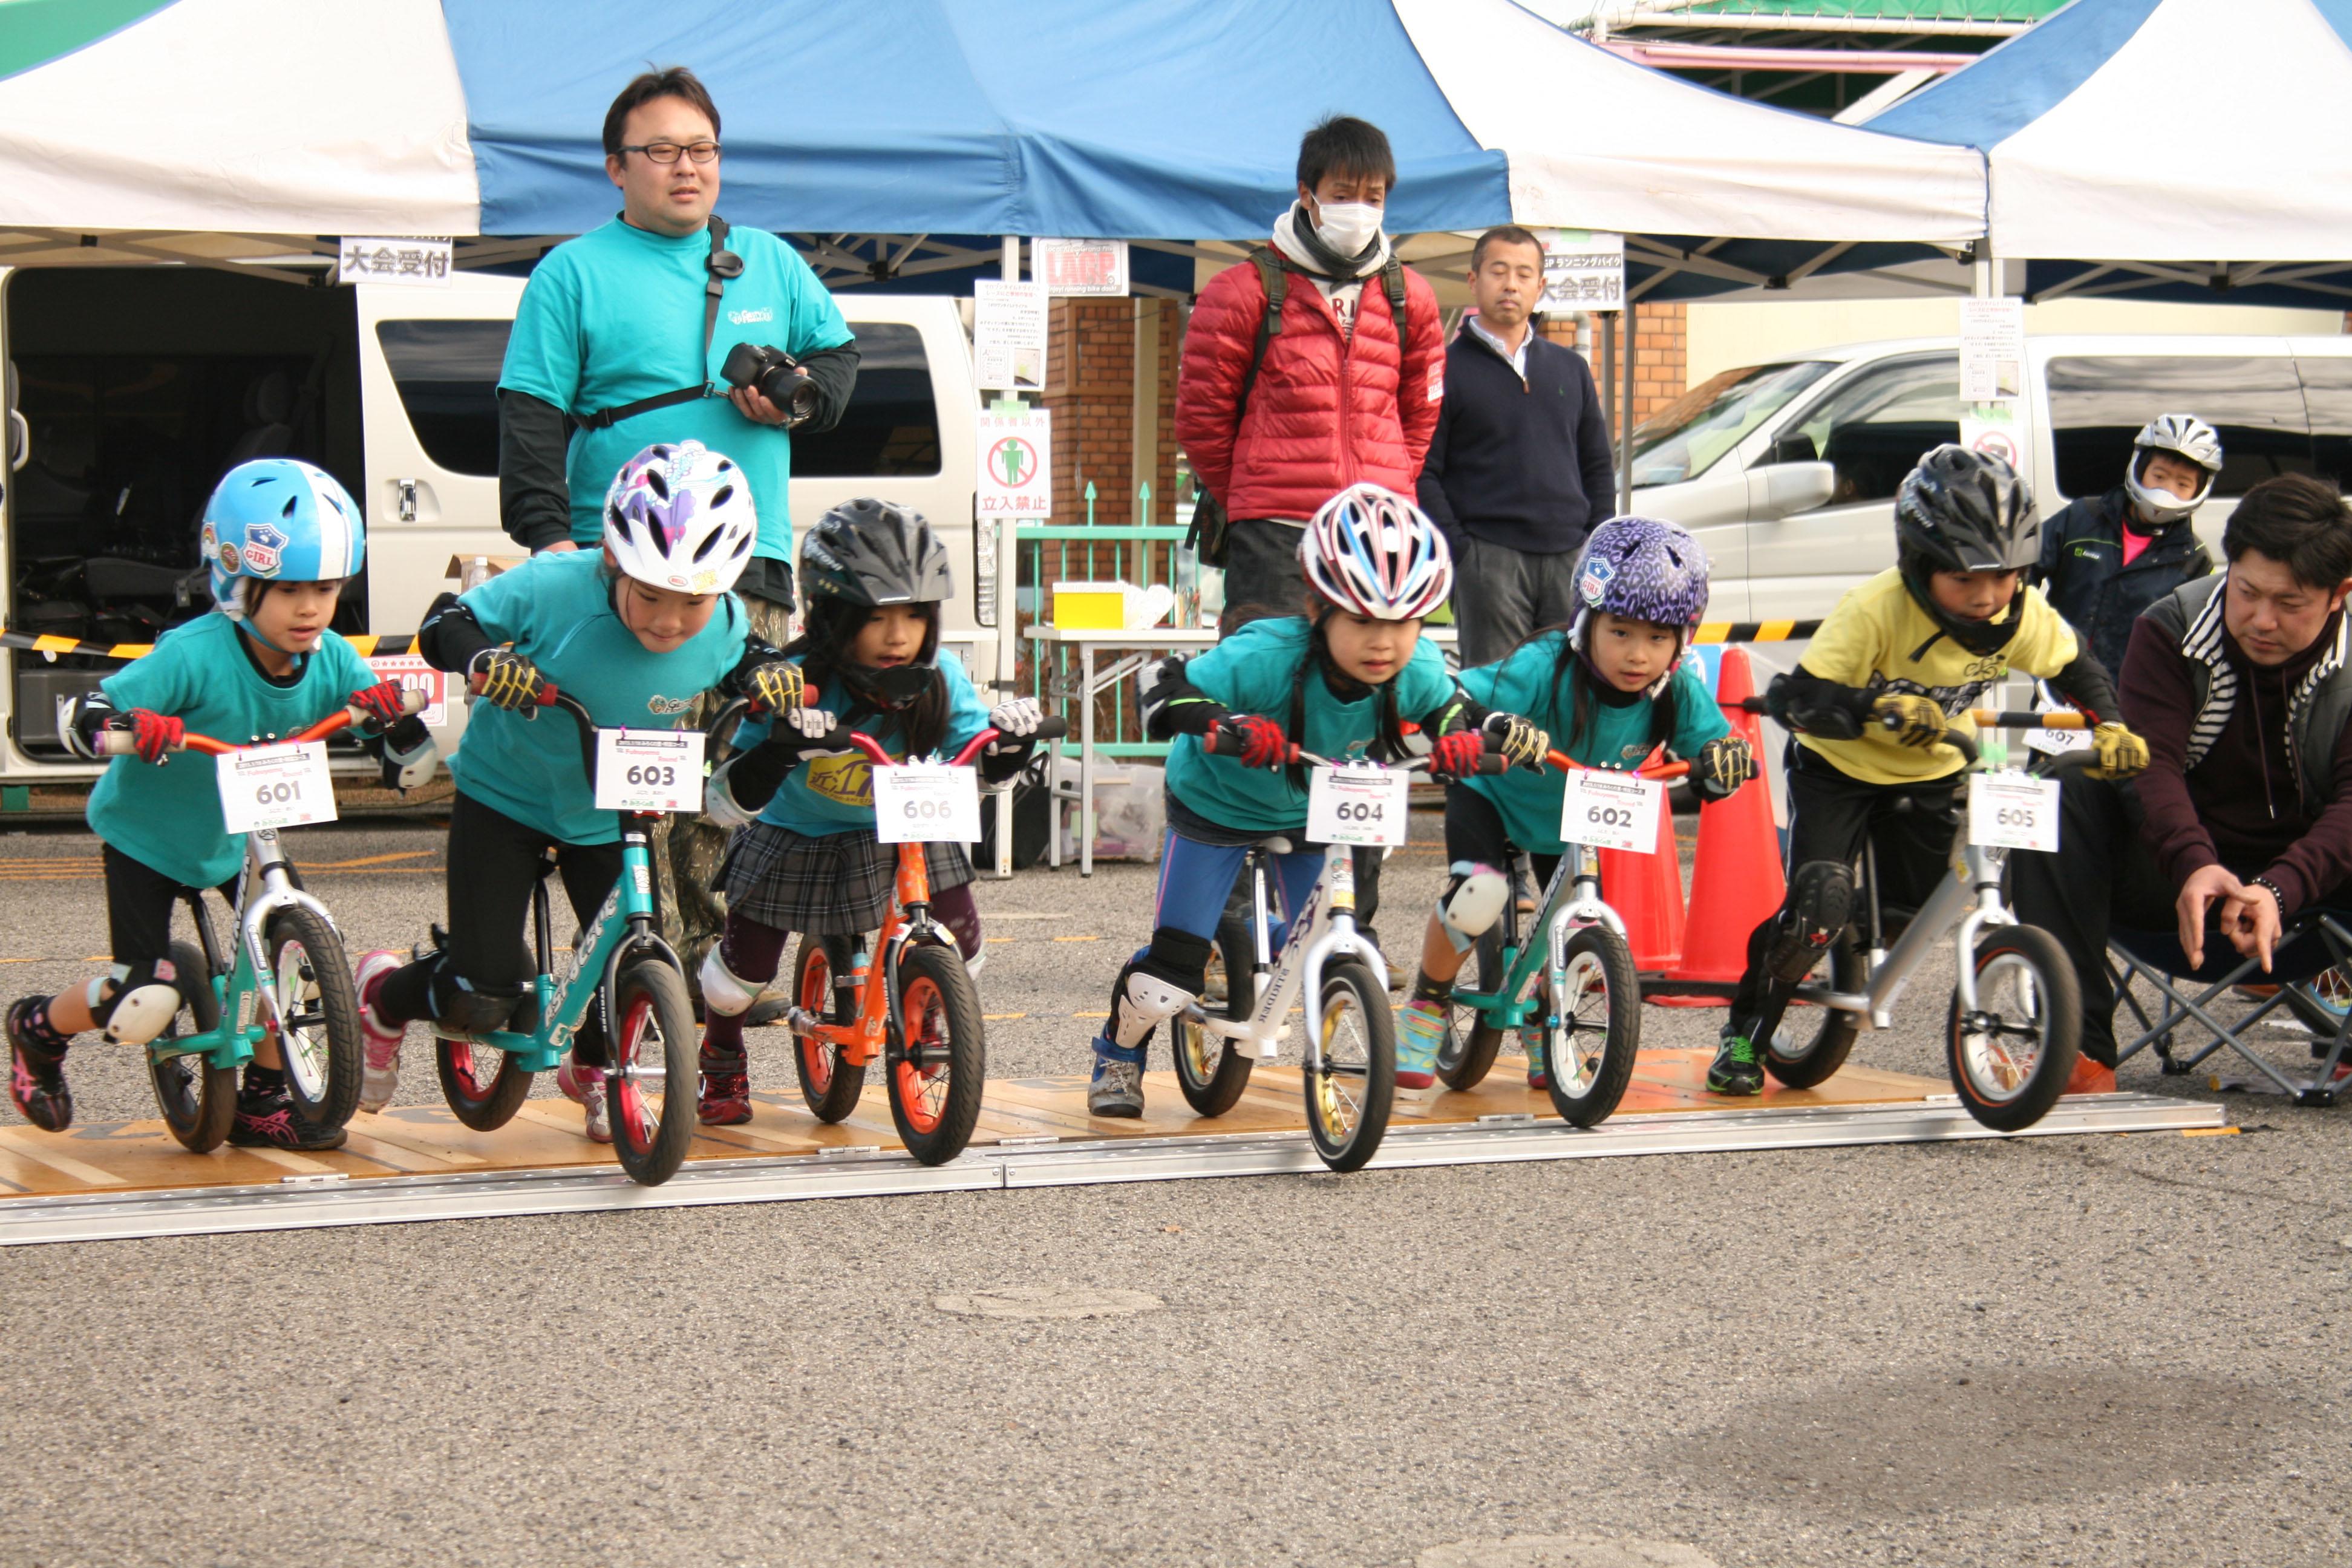 注目競技のランニングバイクレース「LAGP Fukuyama Round」第2回開催! 三世代テーマパークみろくの里特設会場に約400人集う